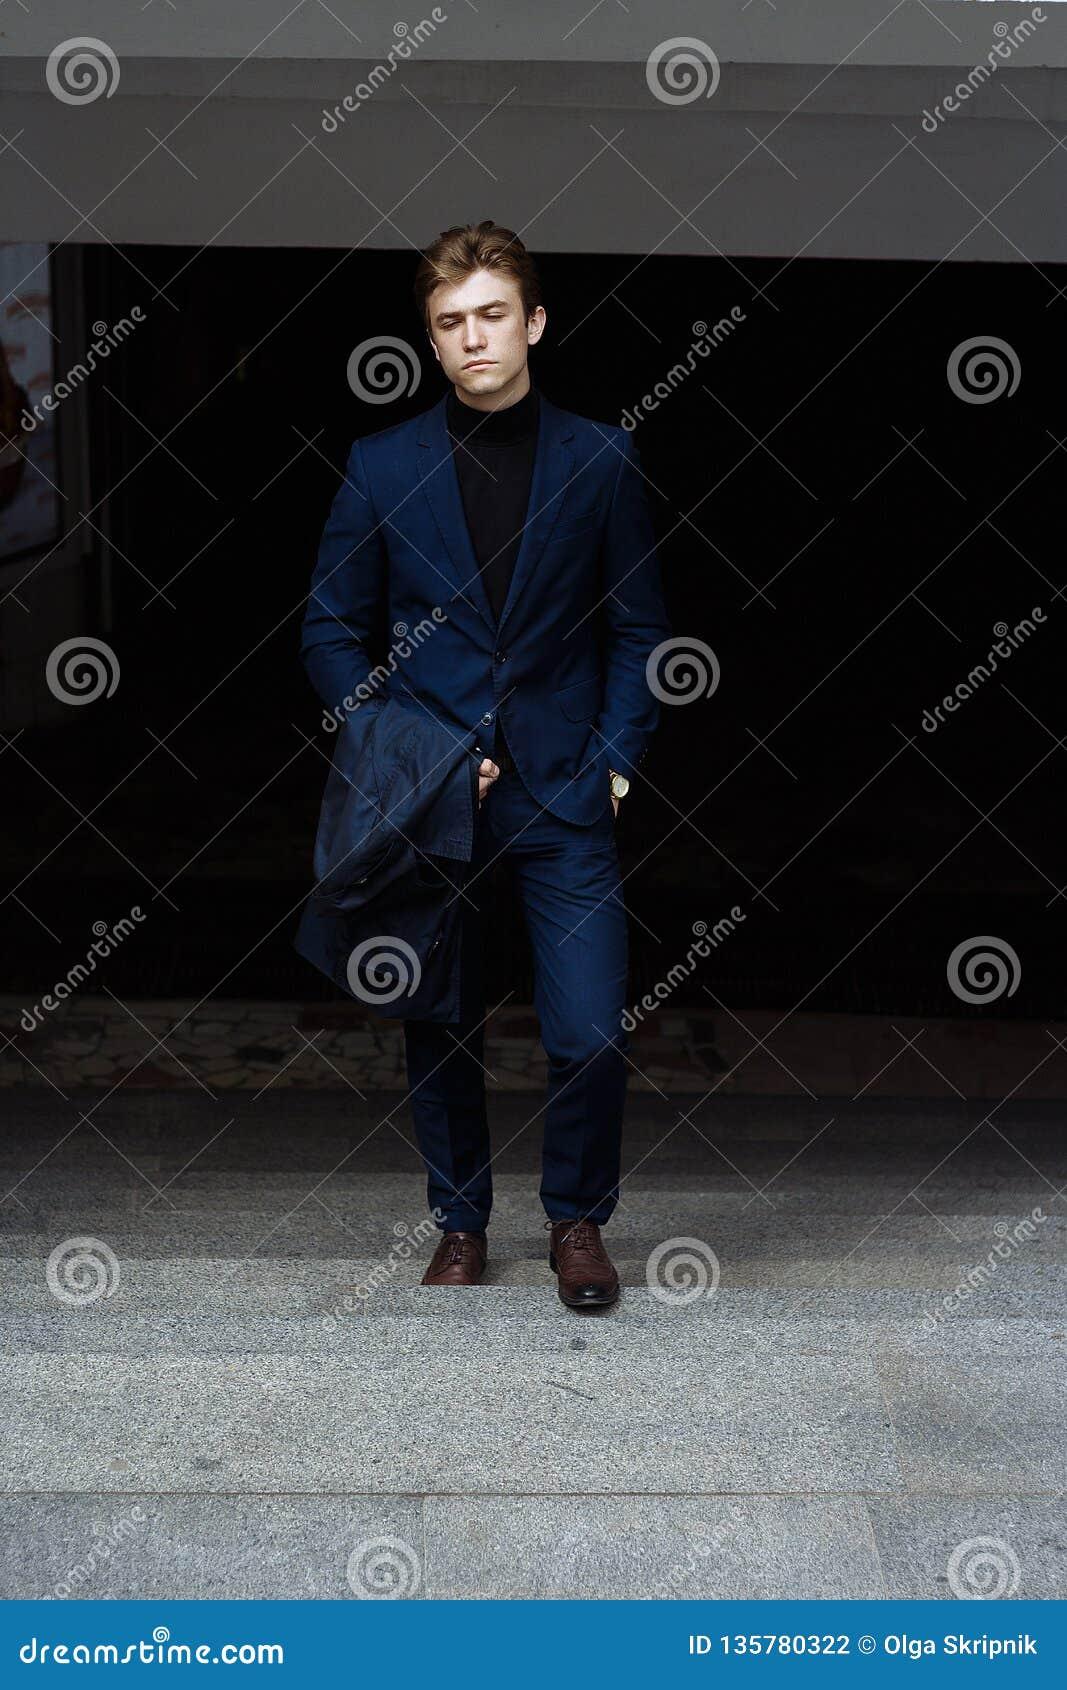 портрет человека, на улице, в костюме и с пальто поднимают вверх шаги из темноты, успеха Бизнесмен Смотреть